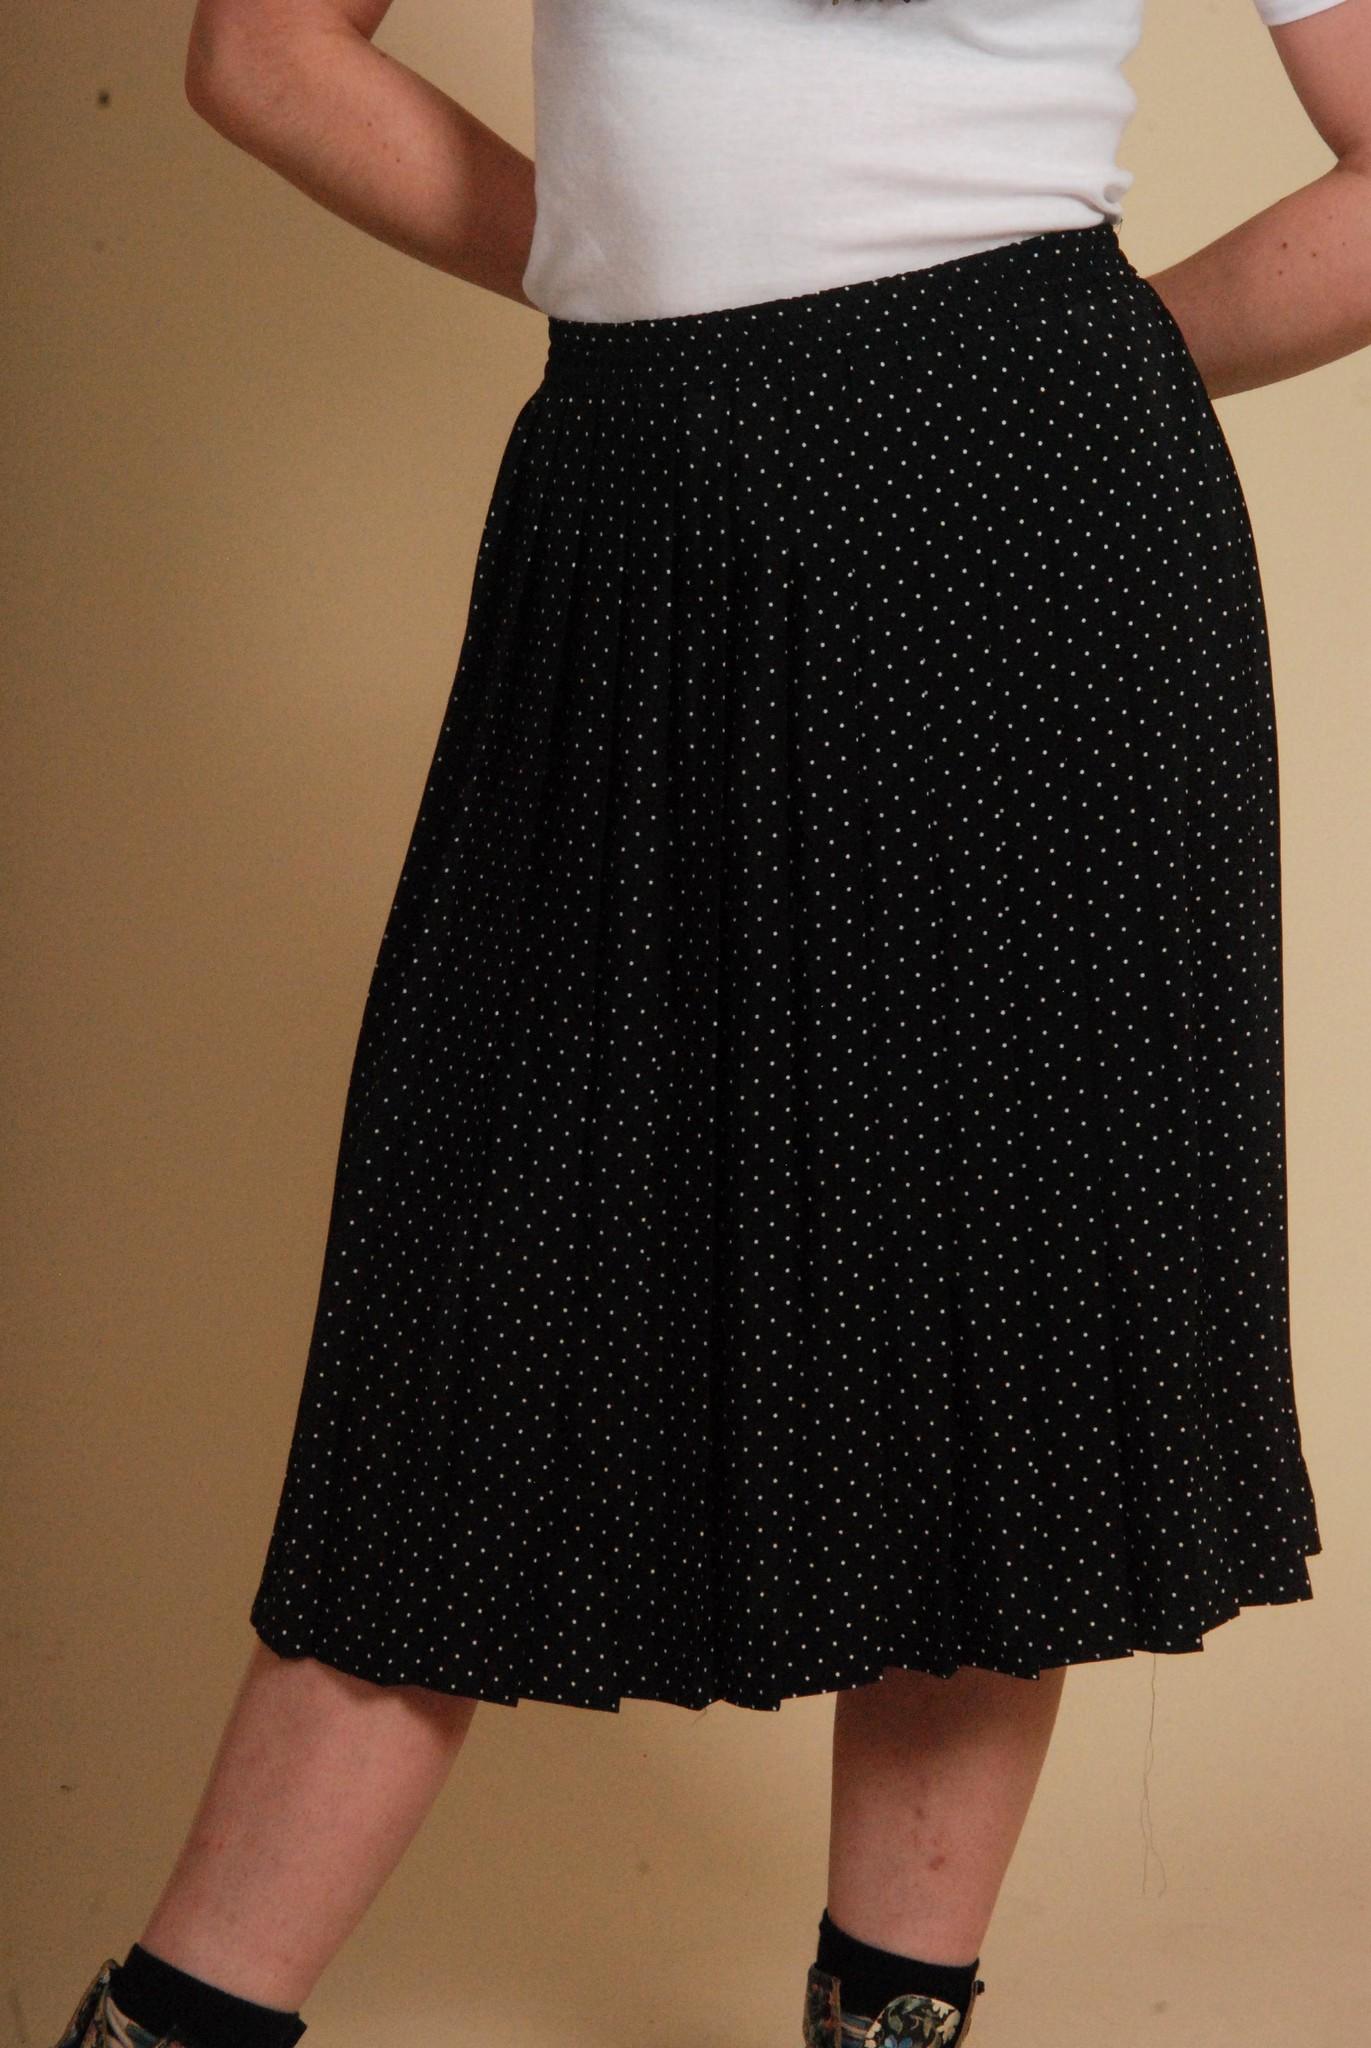 Blue 80s polka dot skirt